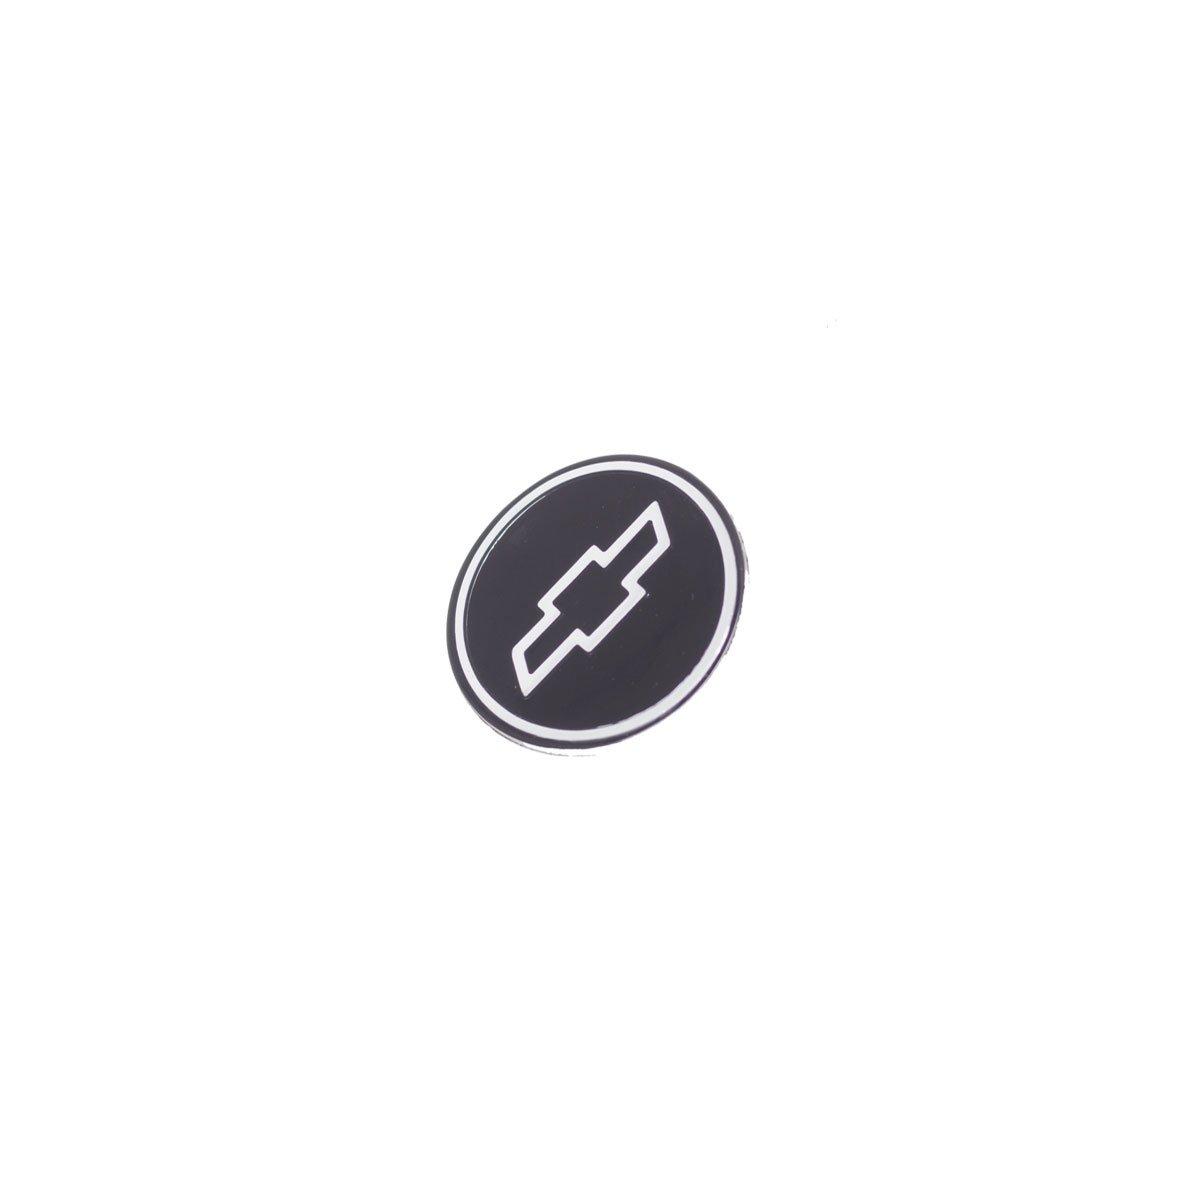 Emblema Capô Monza/Kadett 91/